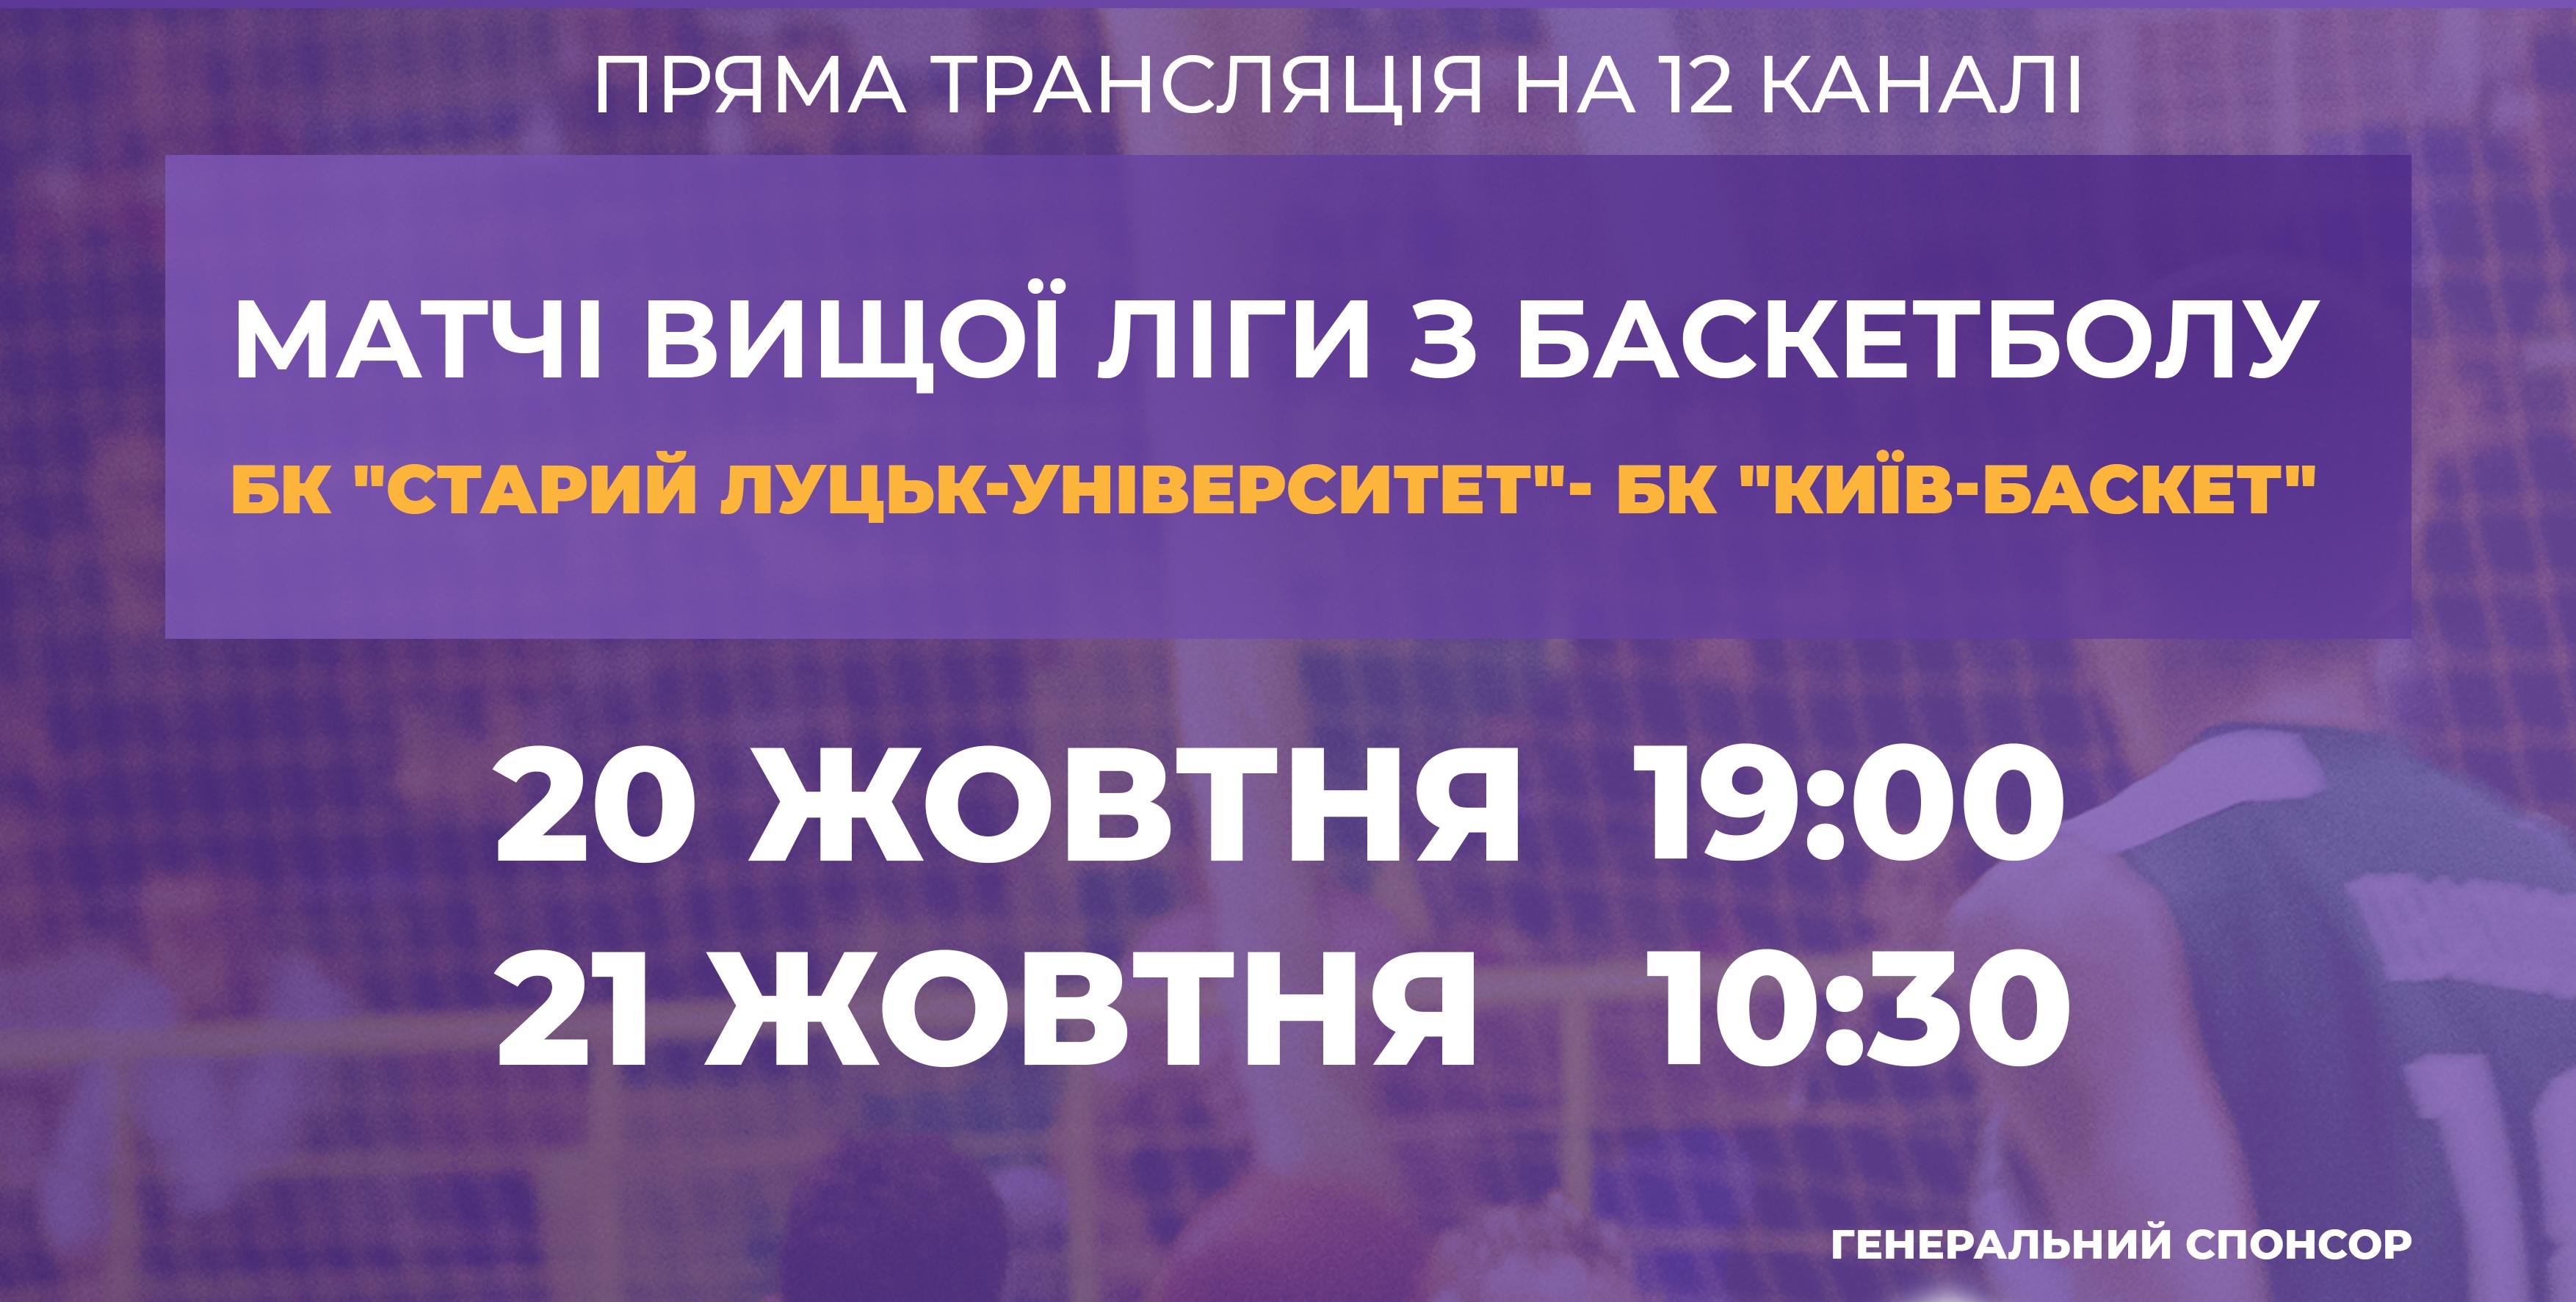 «Старий Луцьк – Університет» і «Київ-Баскет»: прямі трансляції ігор